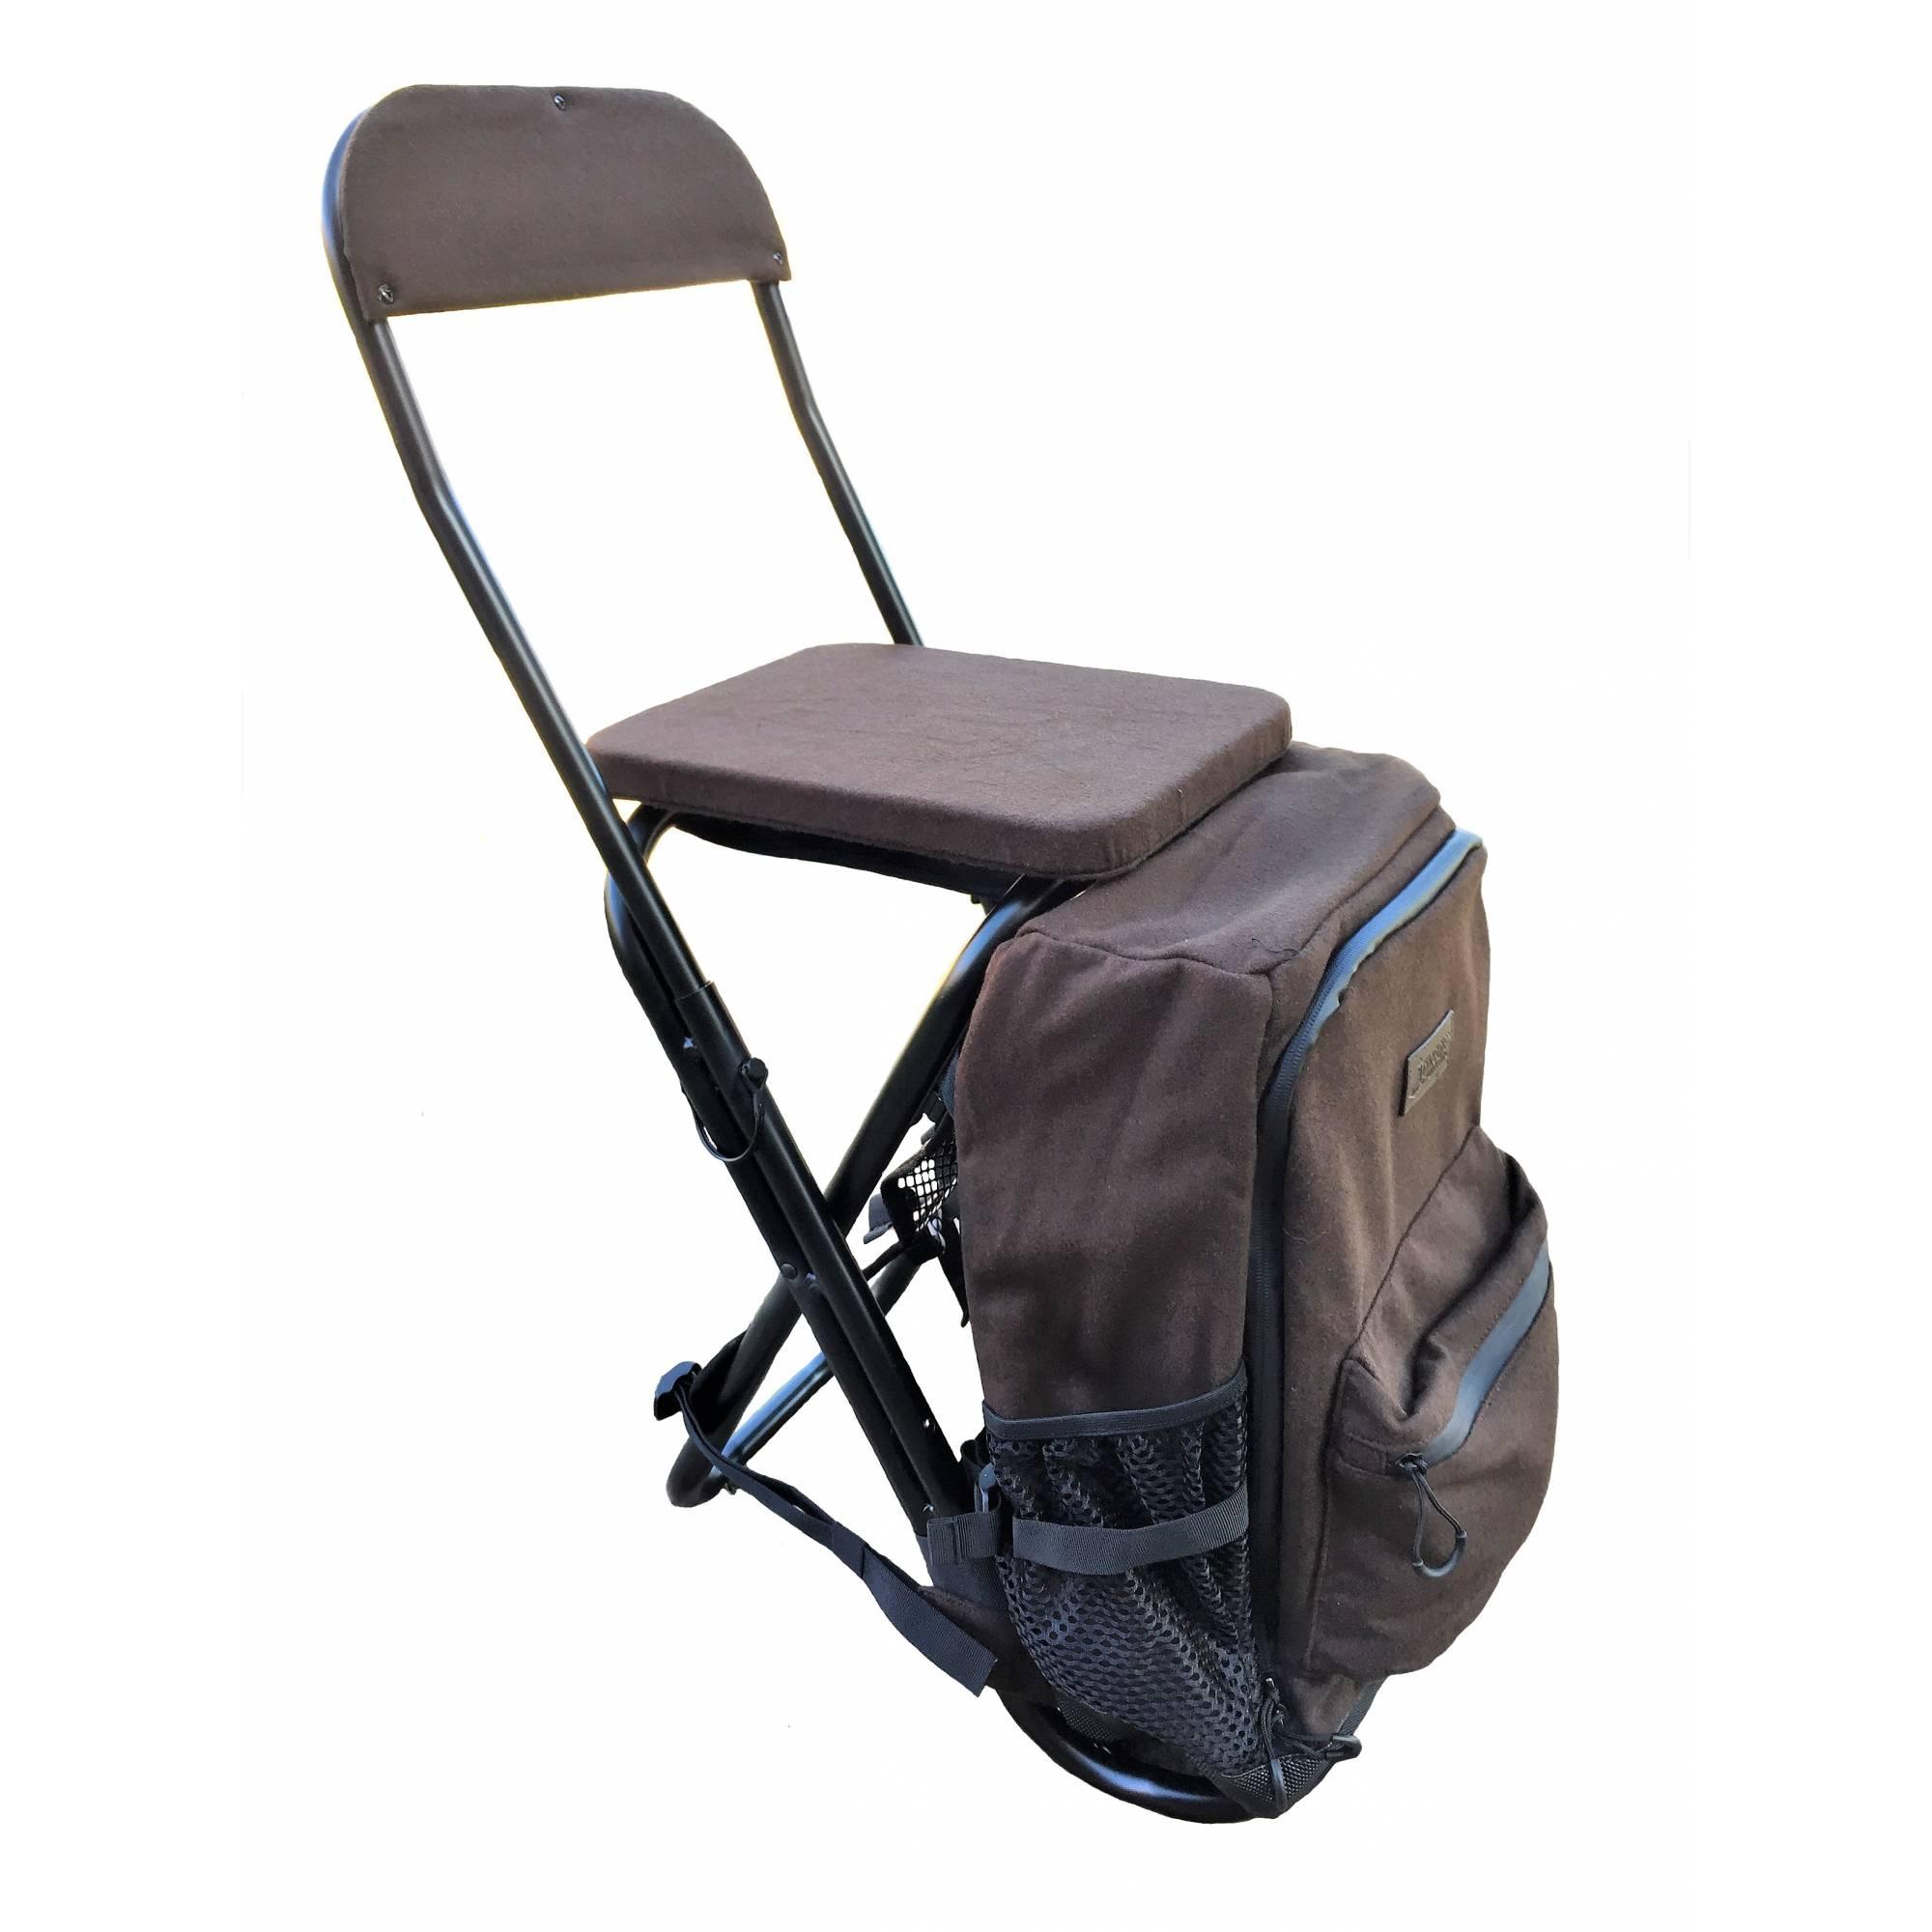 Rucksack Stuhl Mit Lehne Loden Braun Gut Grambow